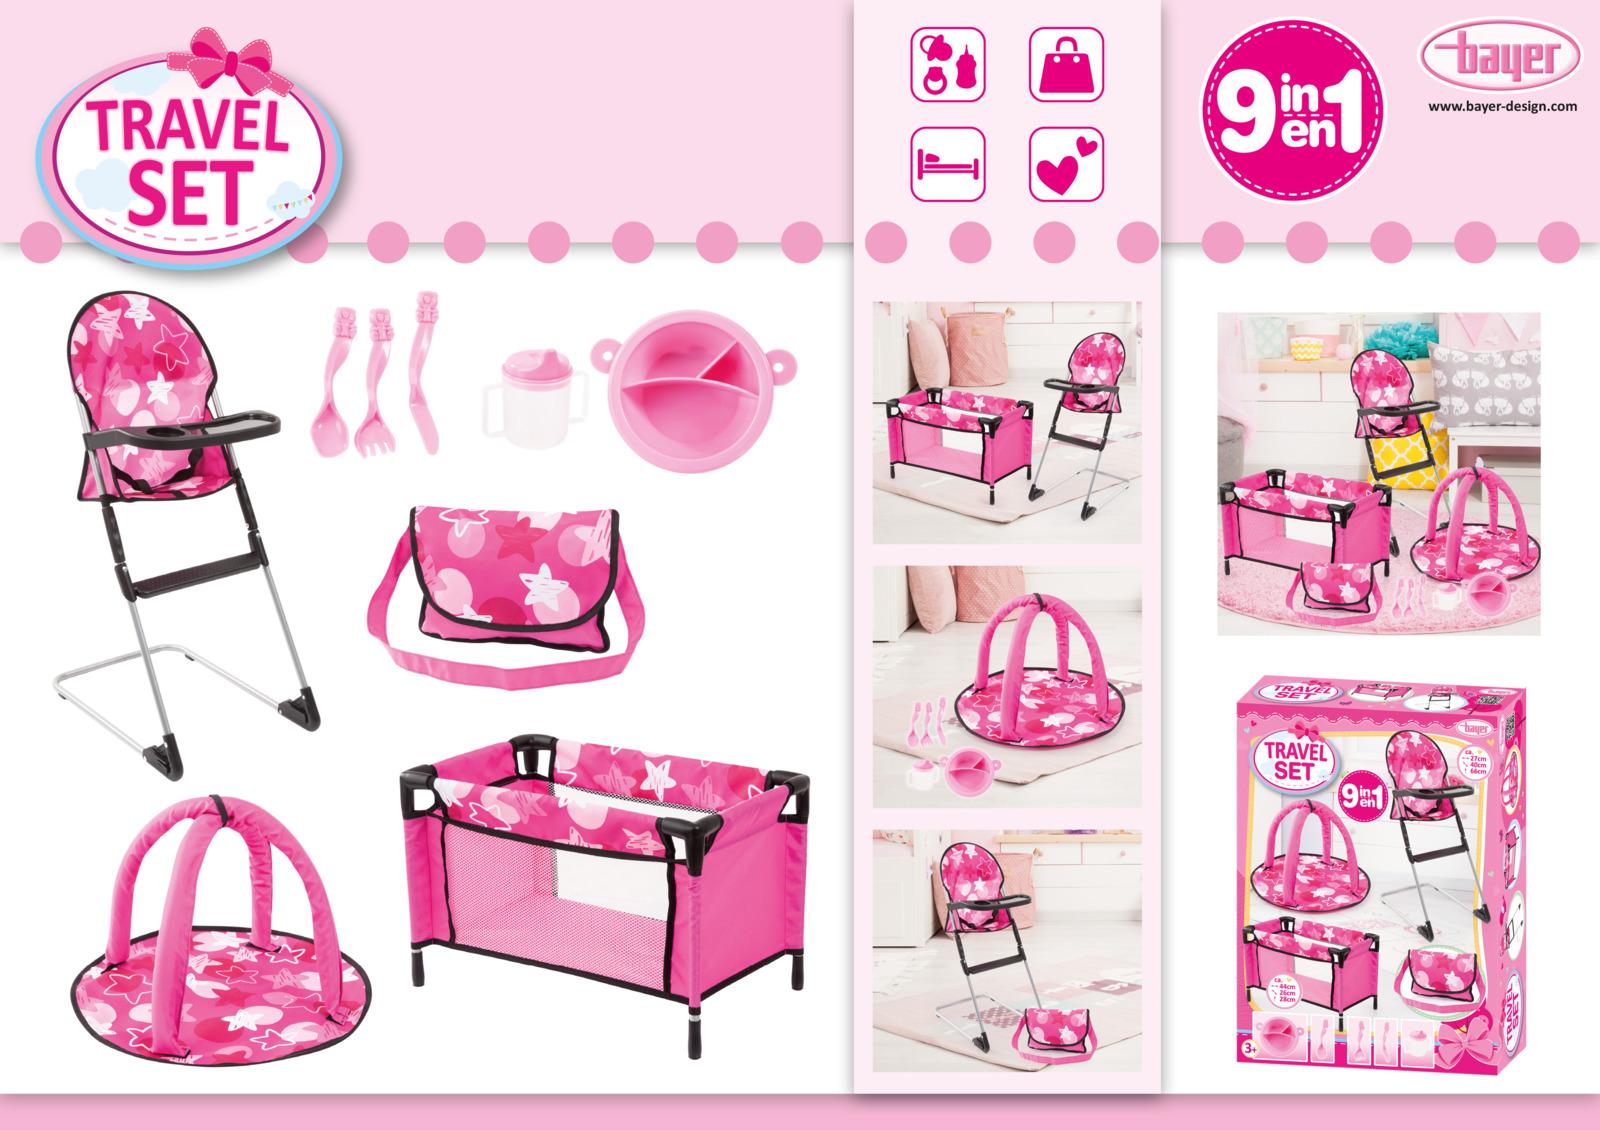 Набор для кукол Bayer Design, цвет: розовый, 9 предметов коляска для кукол bayer design тренди цвет серый розовый